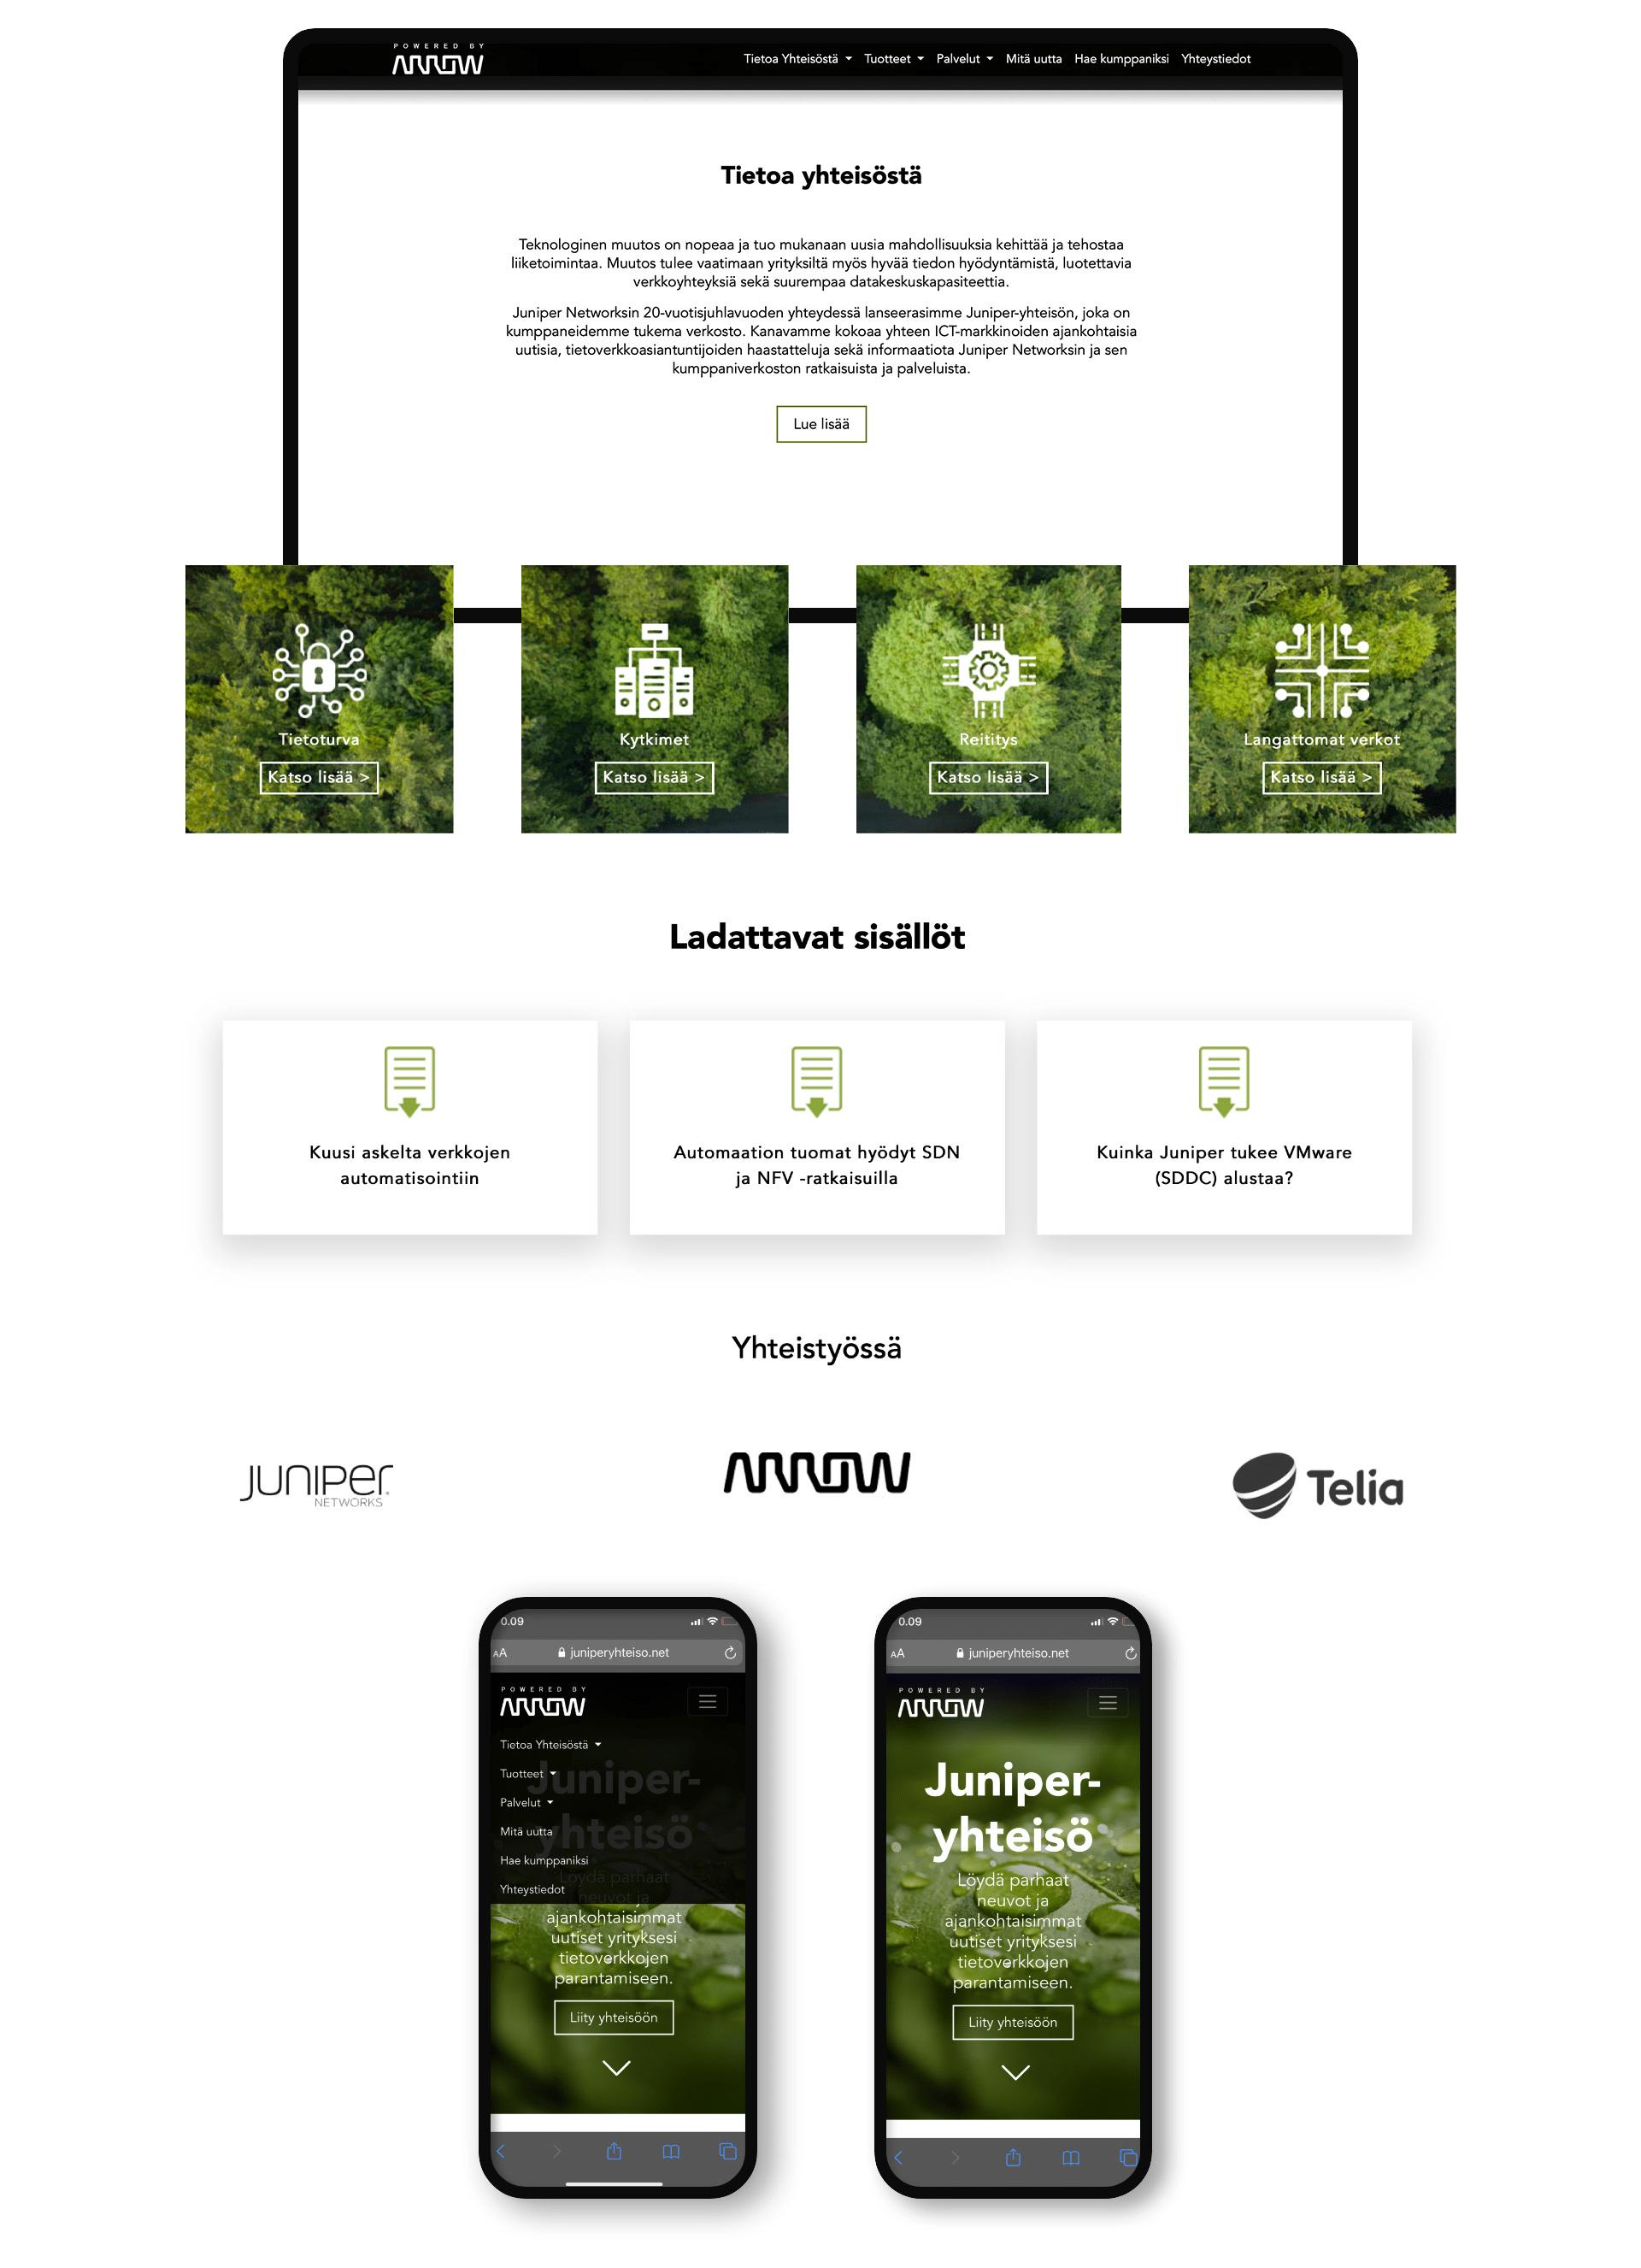 Juniper-yhteisö